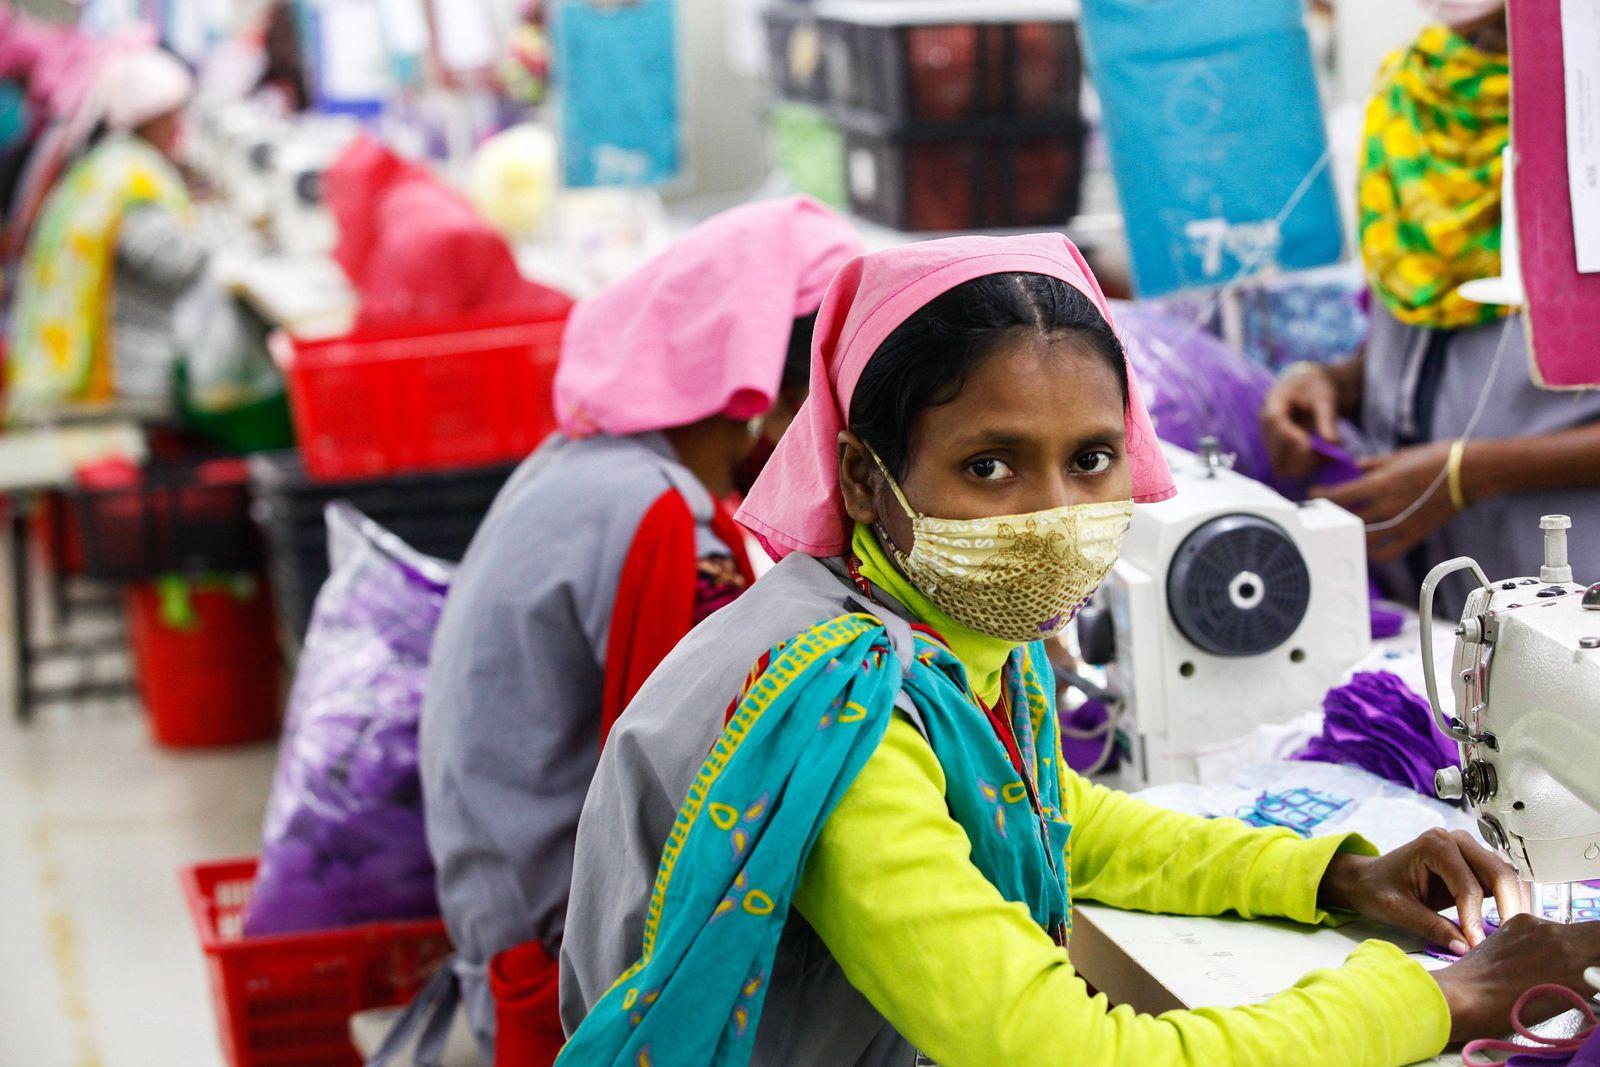 EINMALIGE VERWENDUNG Textil-Fabrik / Bangladesch / Textil-Arbeiterinen